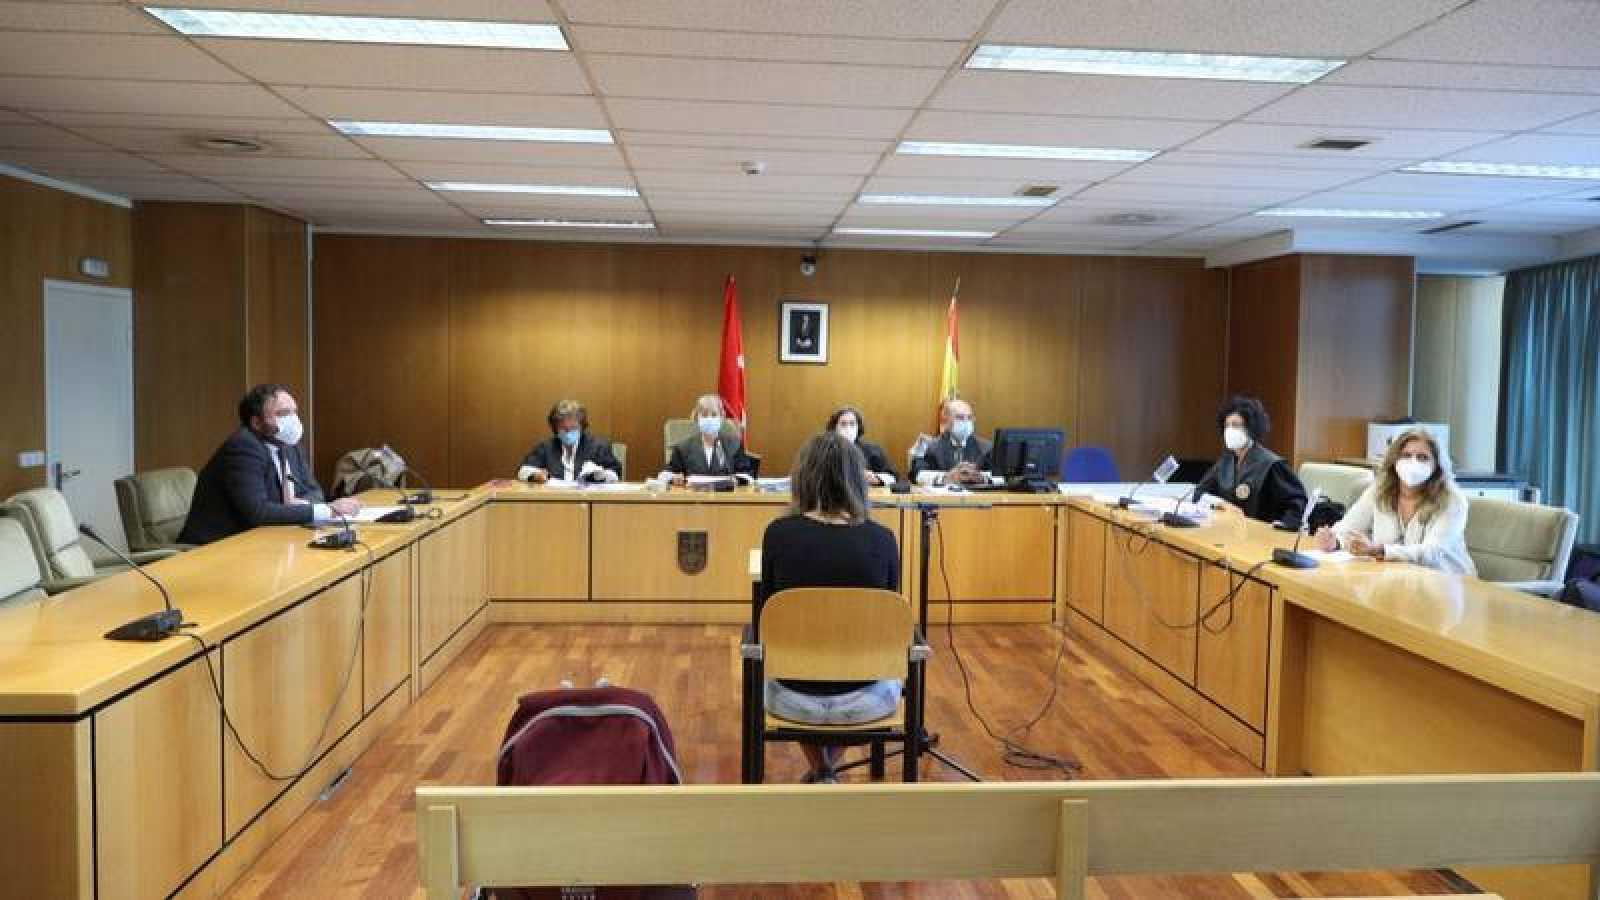 Juicio en la Audiencia Provincial de Madrid, con una acusada presente y los otros compareciendo mediante videoconferencia desde Holanda.